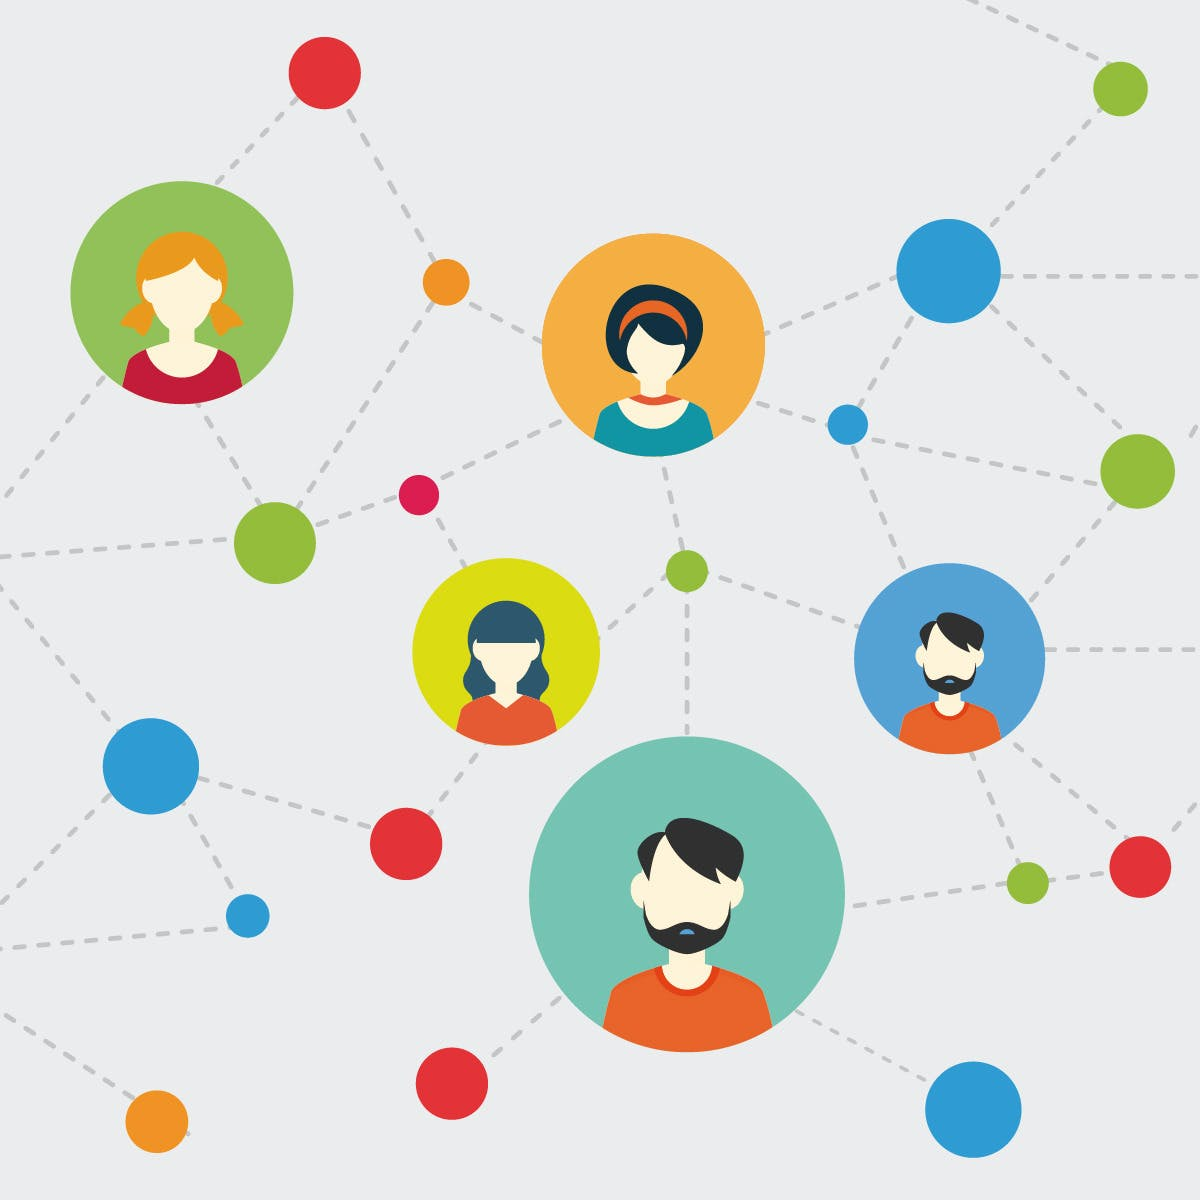 La Web Semántica: Herramientas para la publicación y extracción efectiva de información en la Web